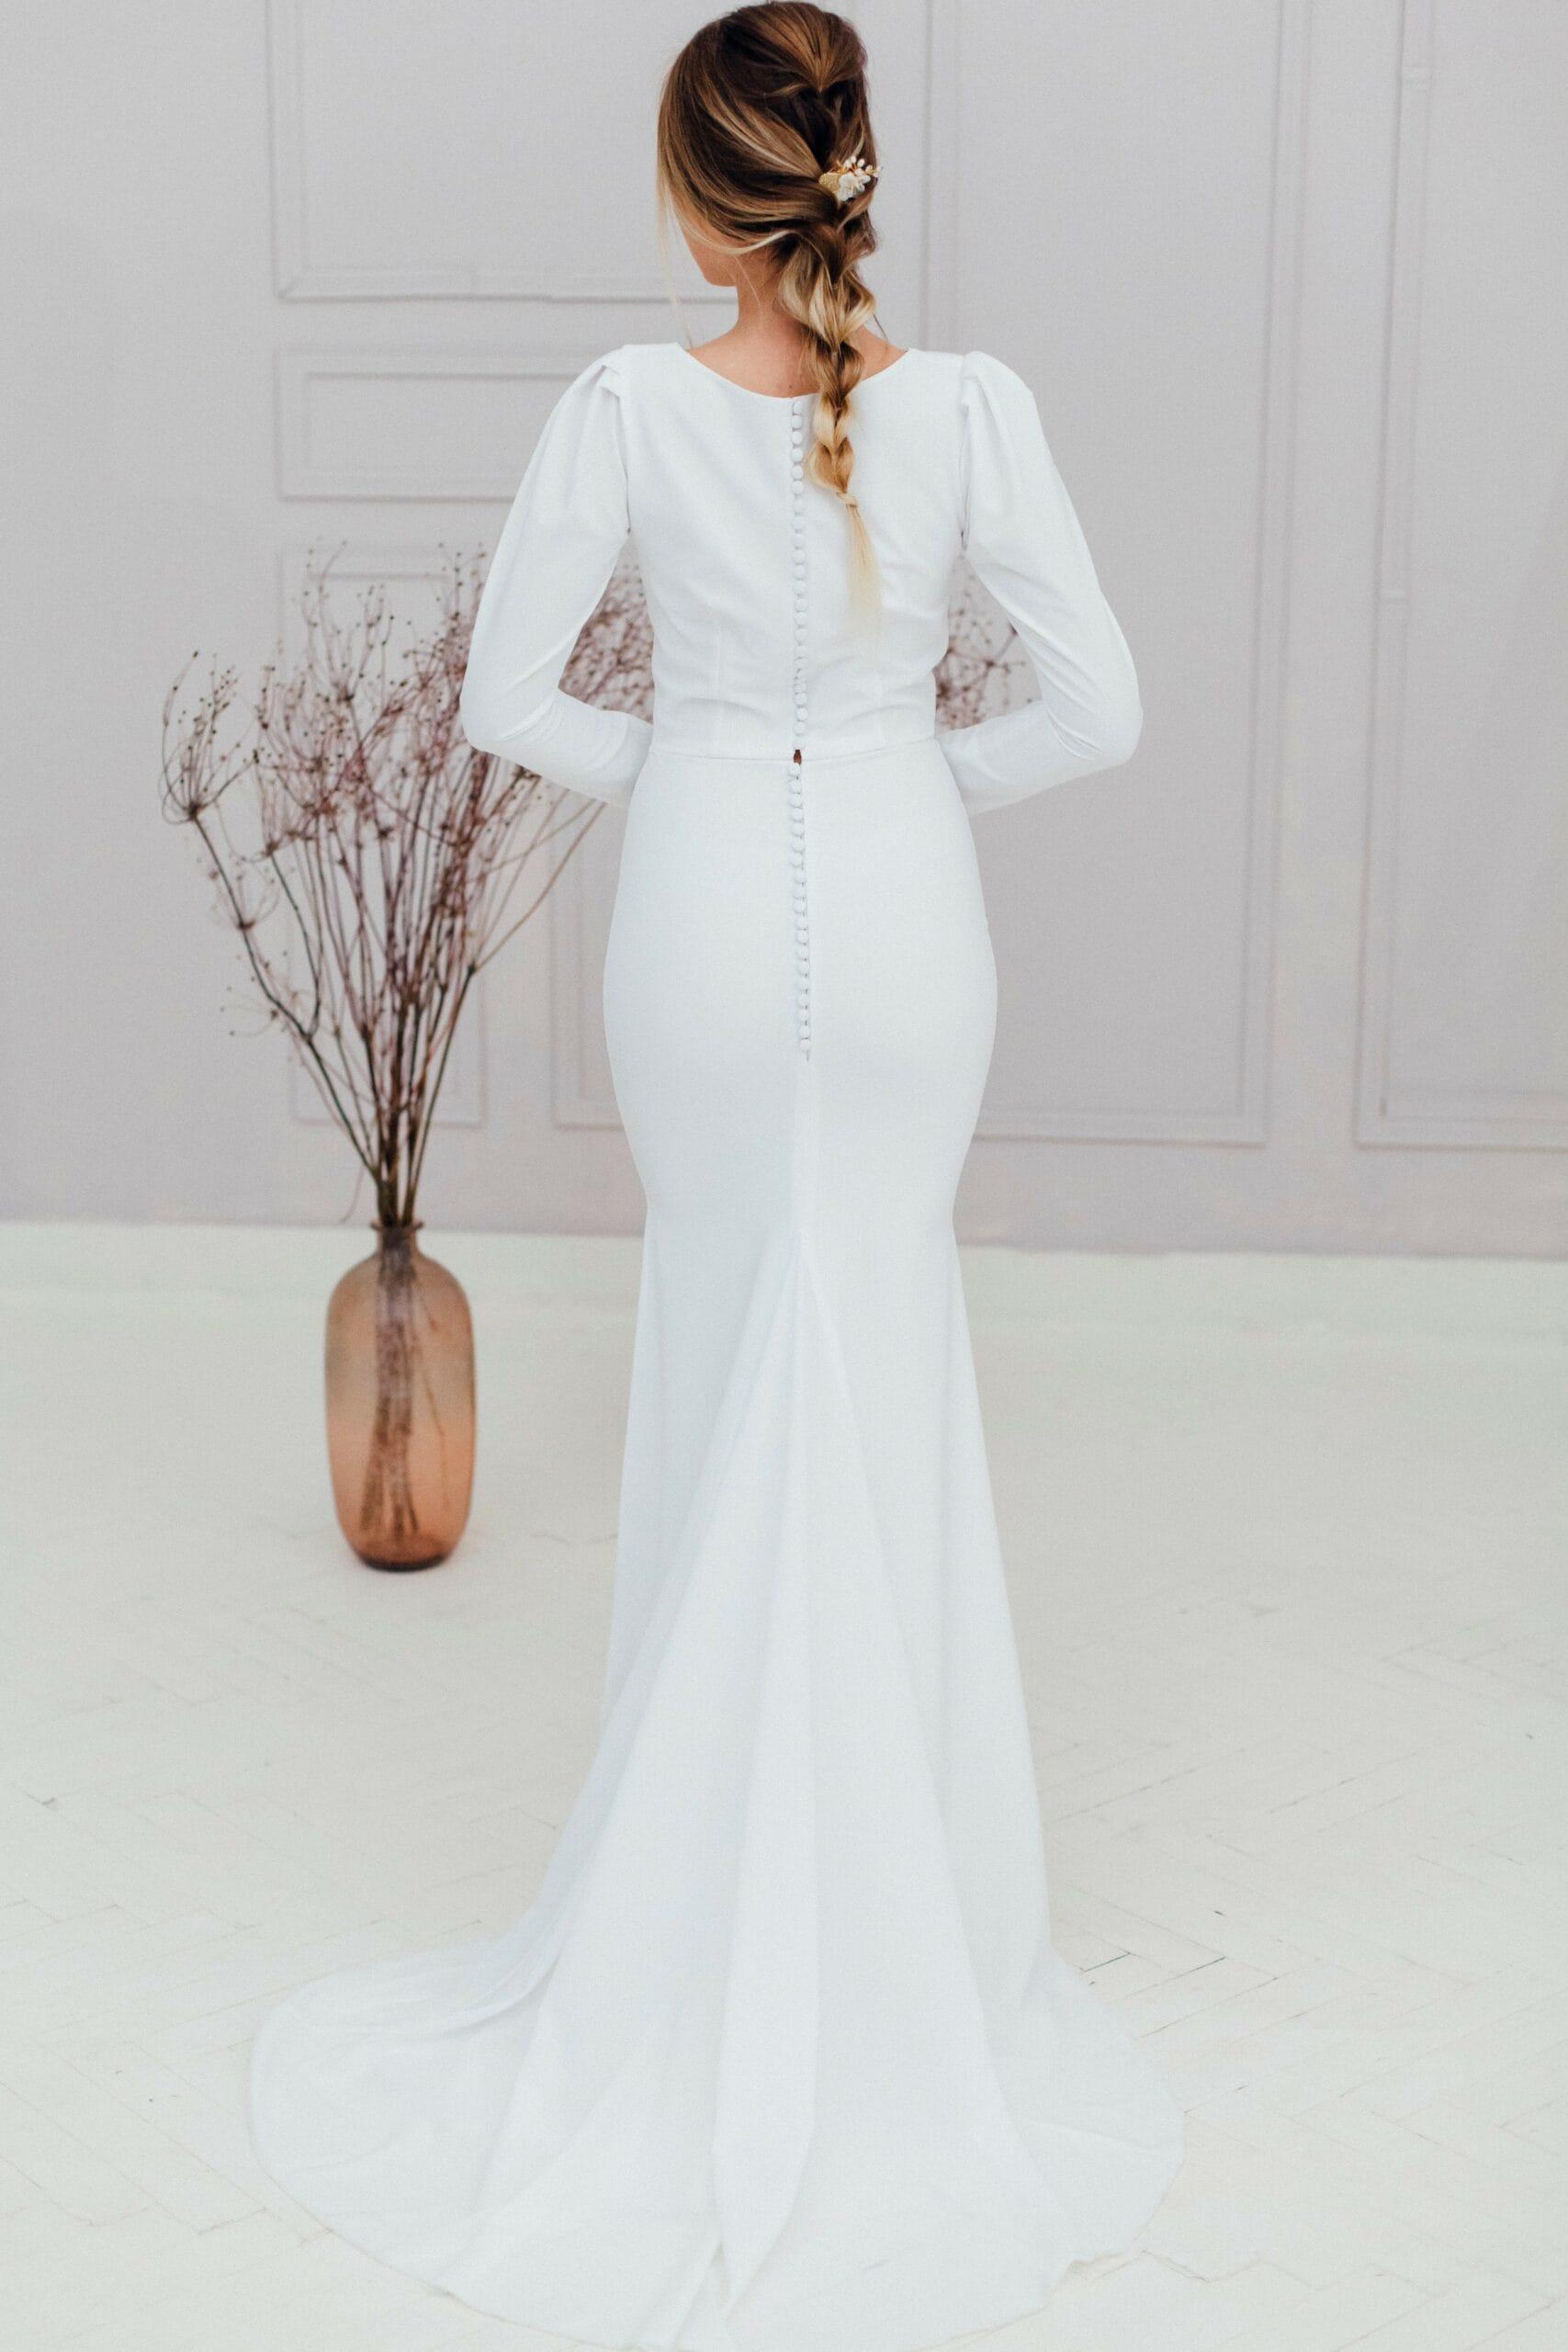 Свадебное платье MAY, коллекция REFINED ELEGANCE, бренд OKA NOMO, фото 3